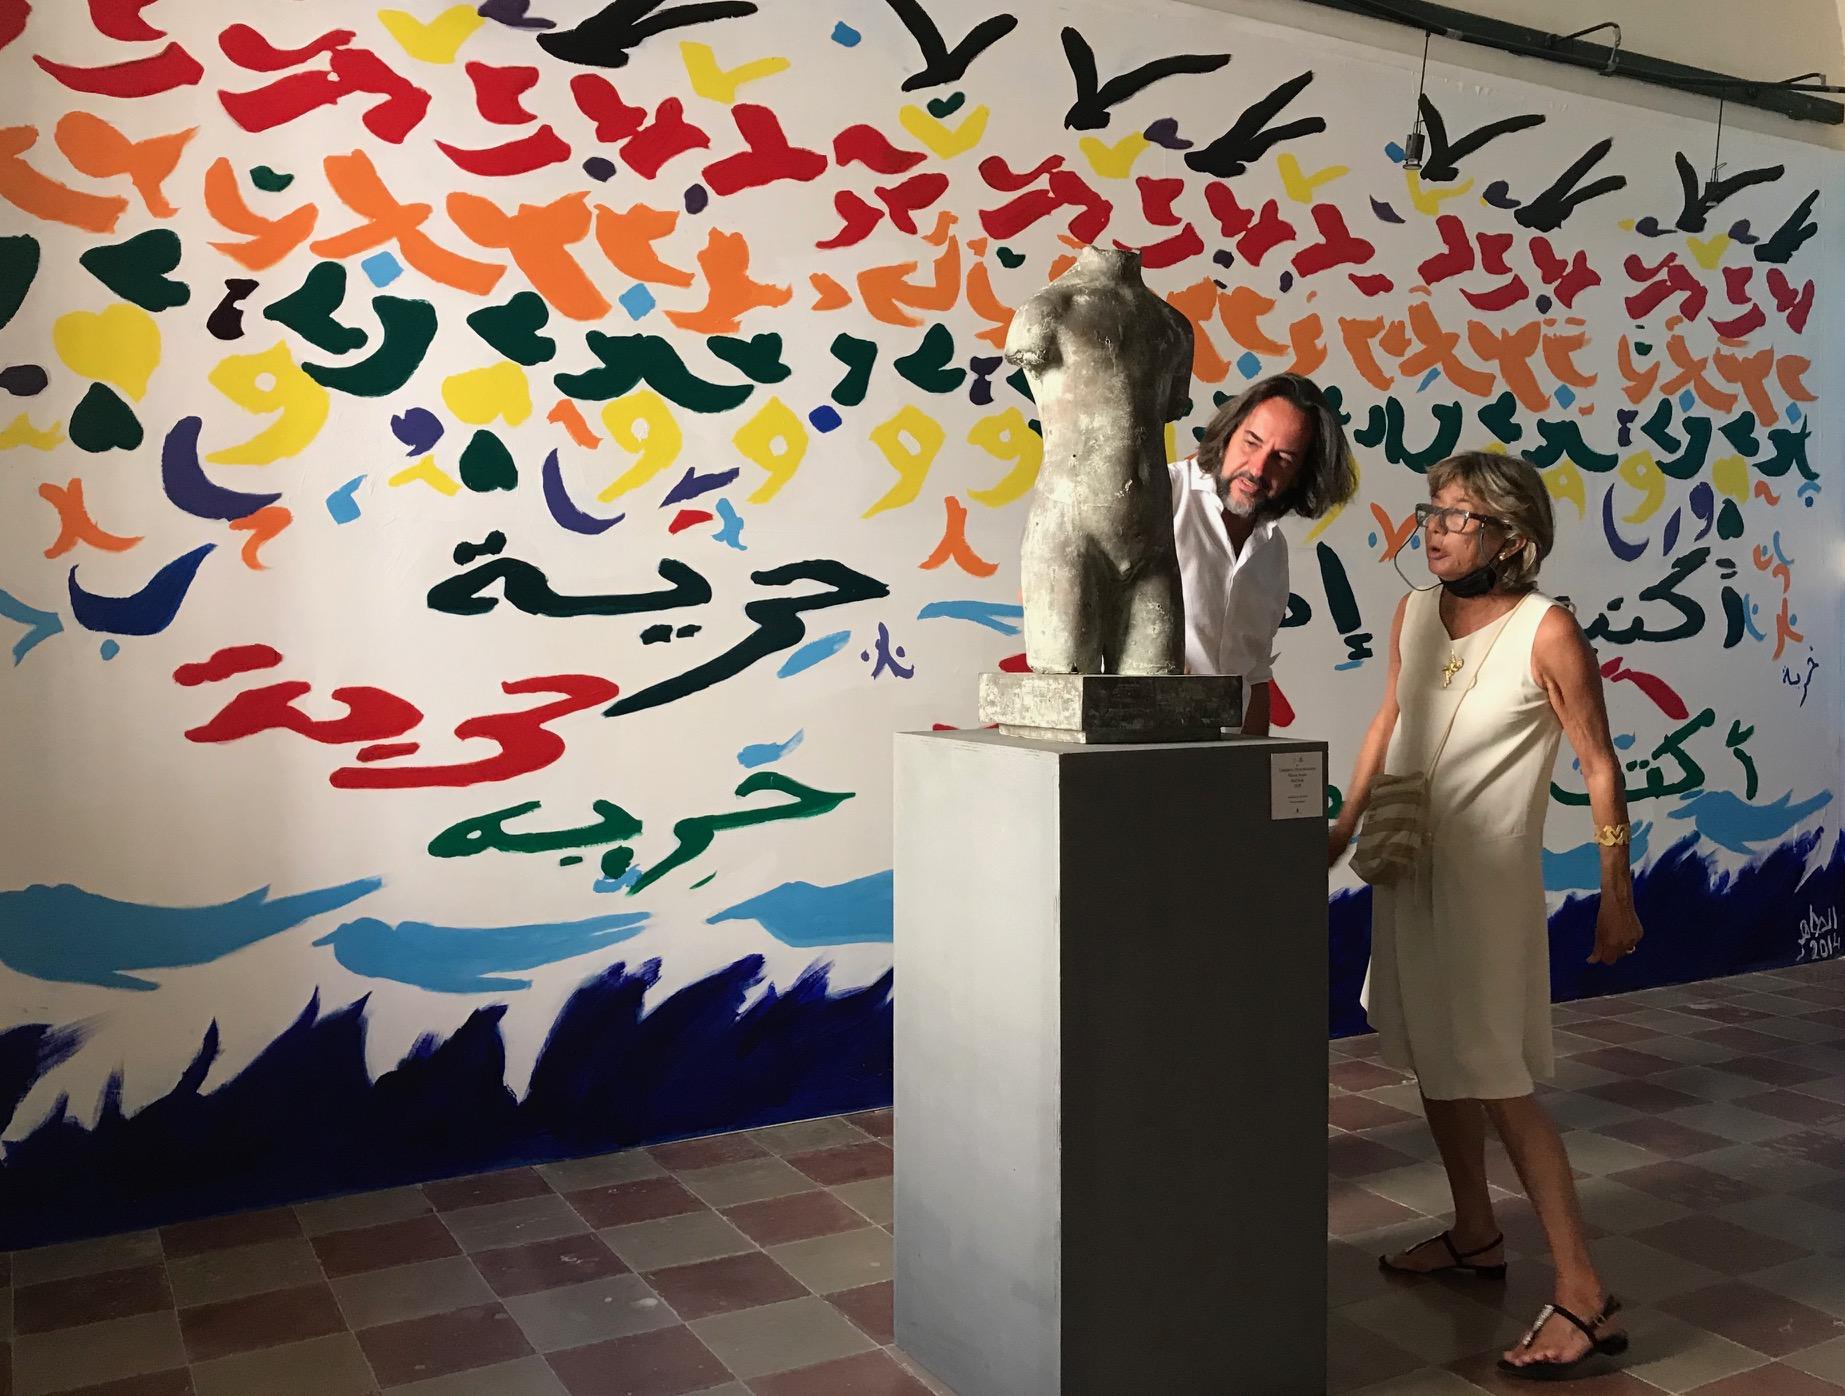 Mastroianni a Lipari opera sullo sfondo dell'installazione di Tahar Ben Jelloun 2014 (foto Melamedia)